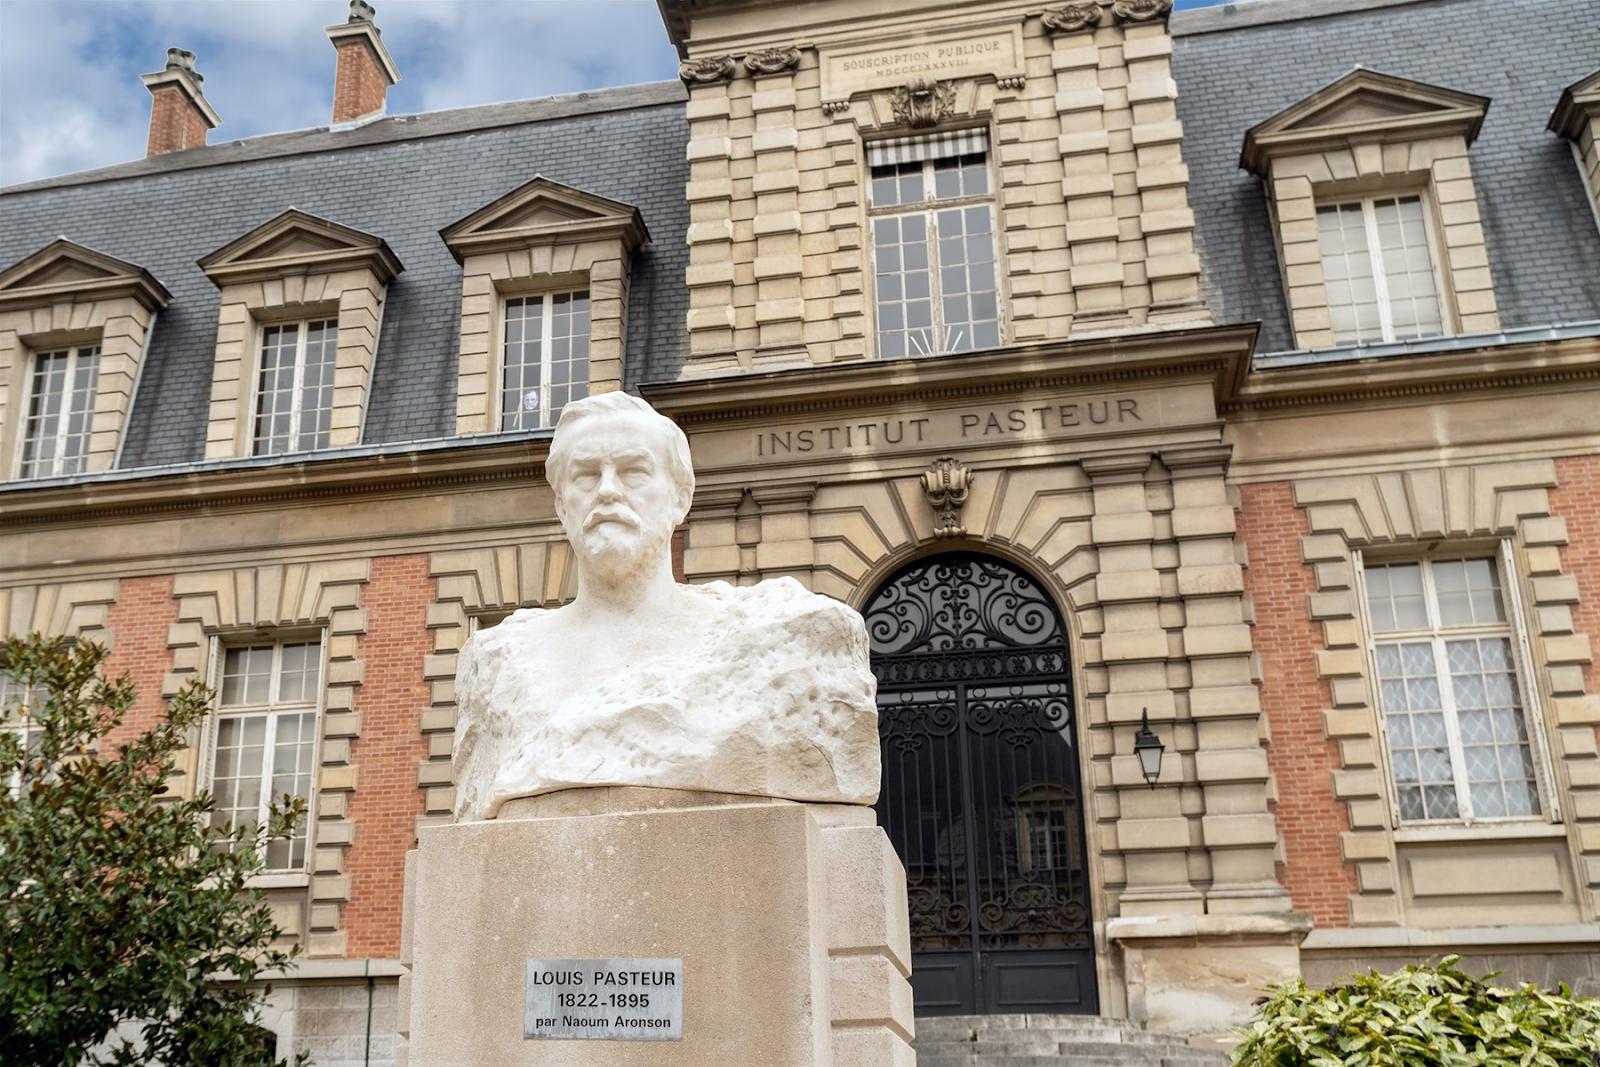 Институт Пастера в Париже, где Хавкин нашел сложное решение вакцины от холеры.